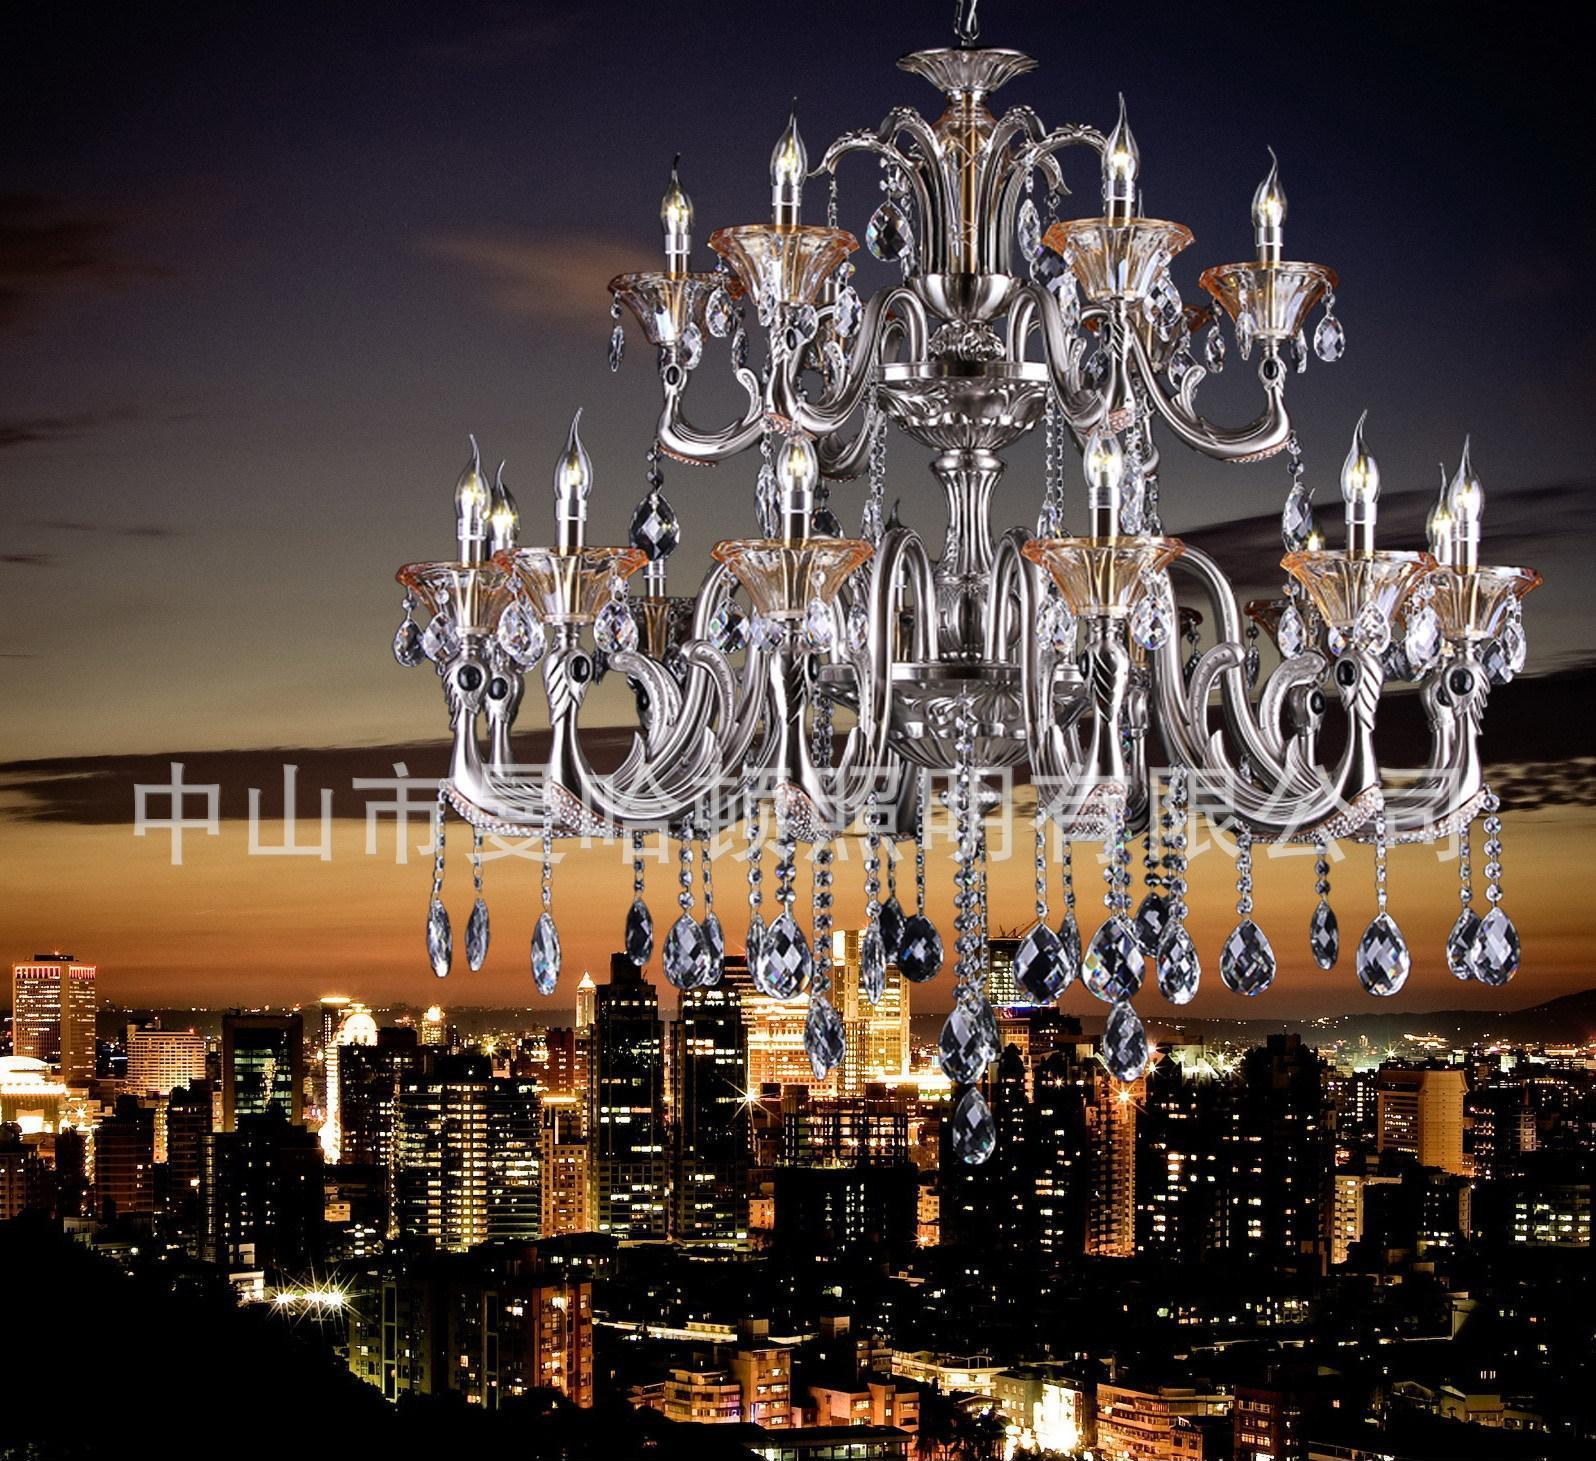 供应优质现代欧式水晶吊灯蜡烛水晶灯 卧室客厅吊饰灯7002